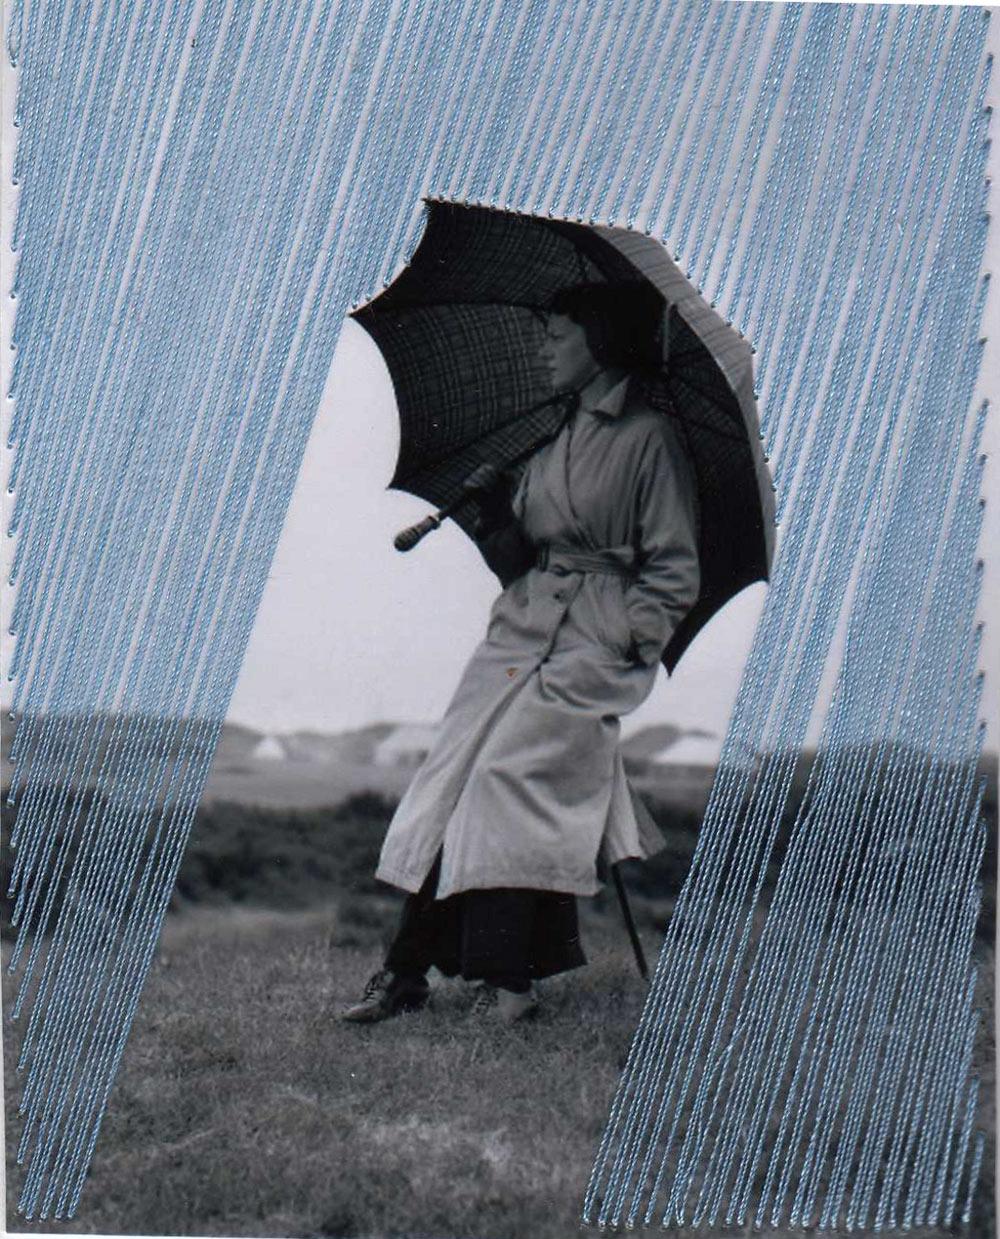 Flore Gardner, Rain, 2014 @ Flore Gardner